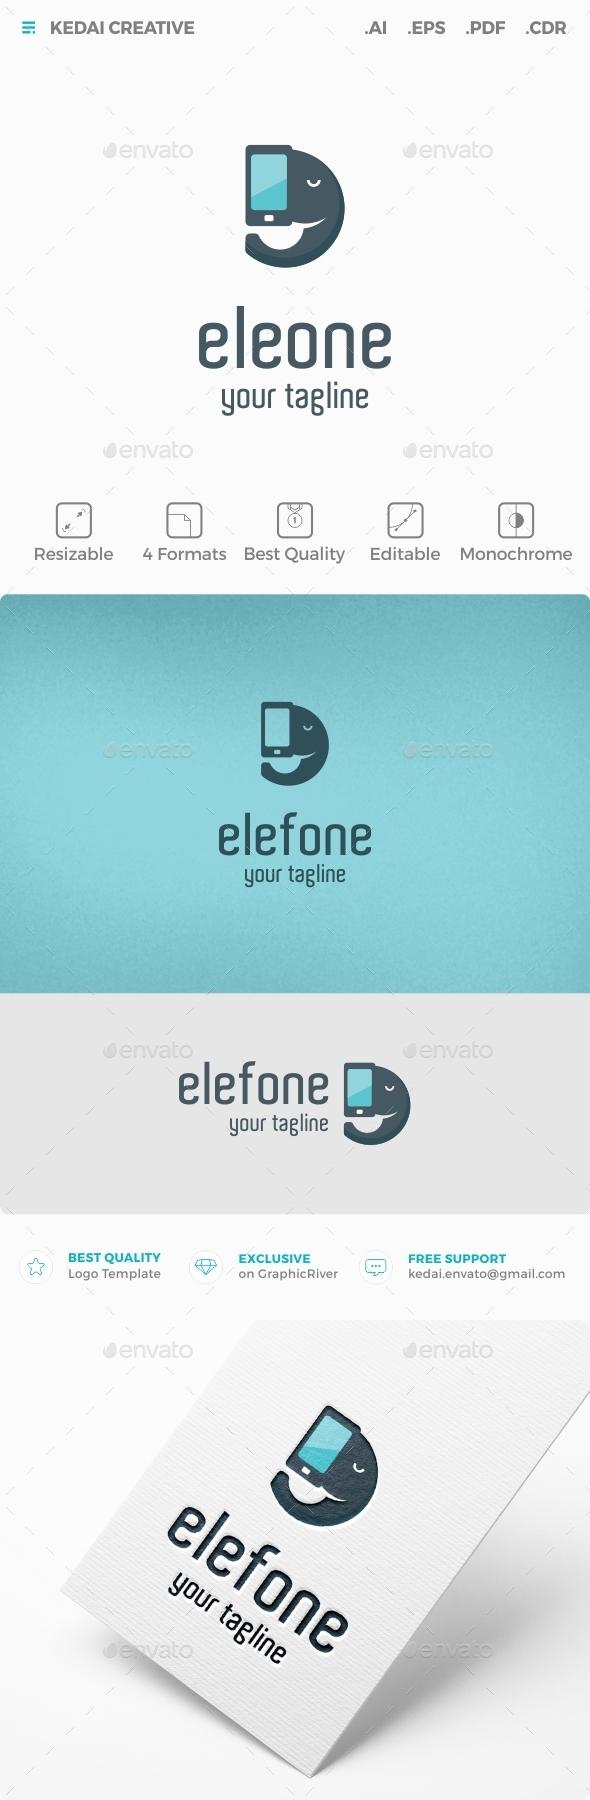 Elefone